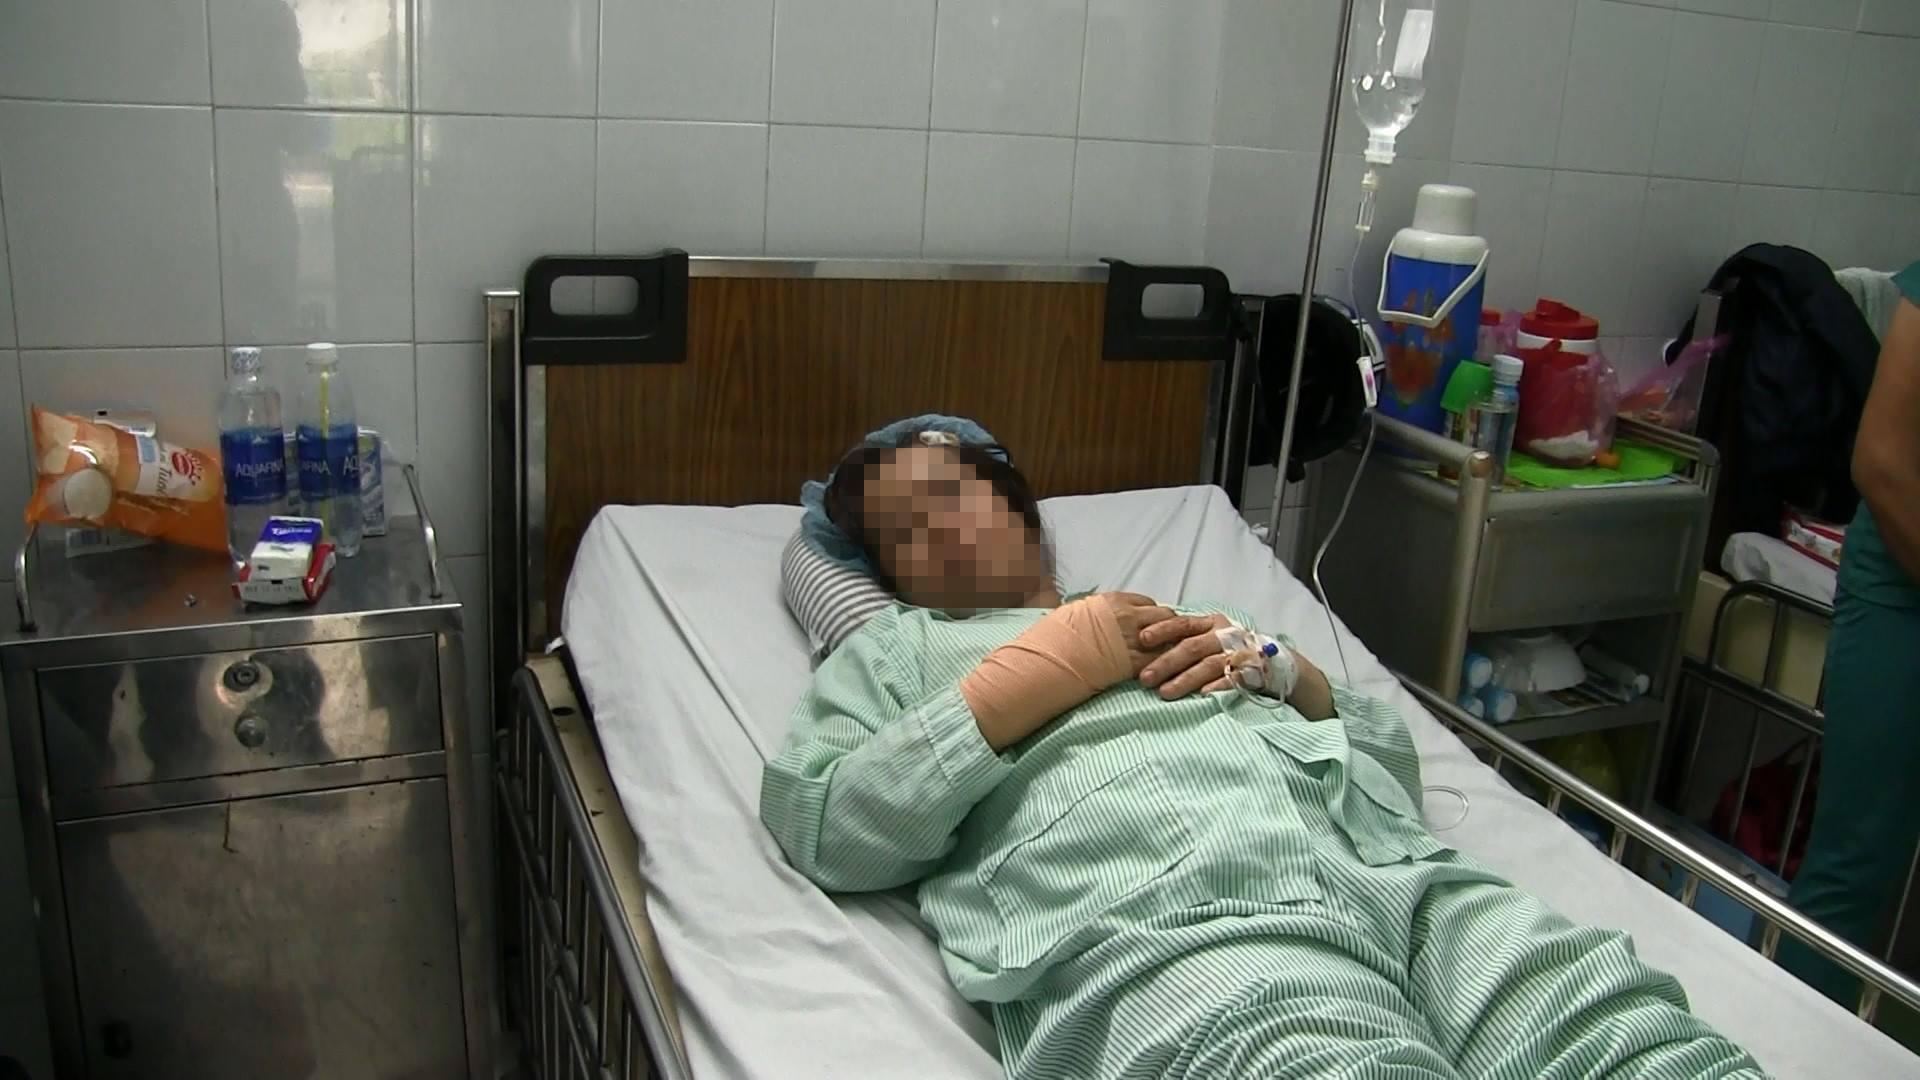 Chém nữ bác sĩ thương tích, tên cướp bị bắt khi lén về nhà